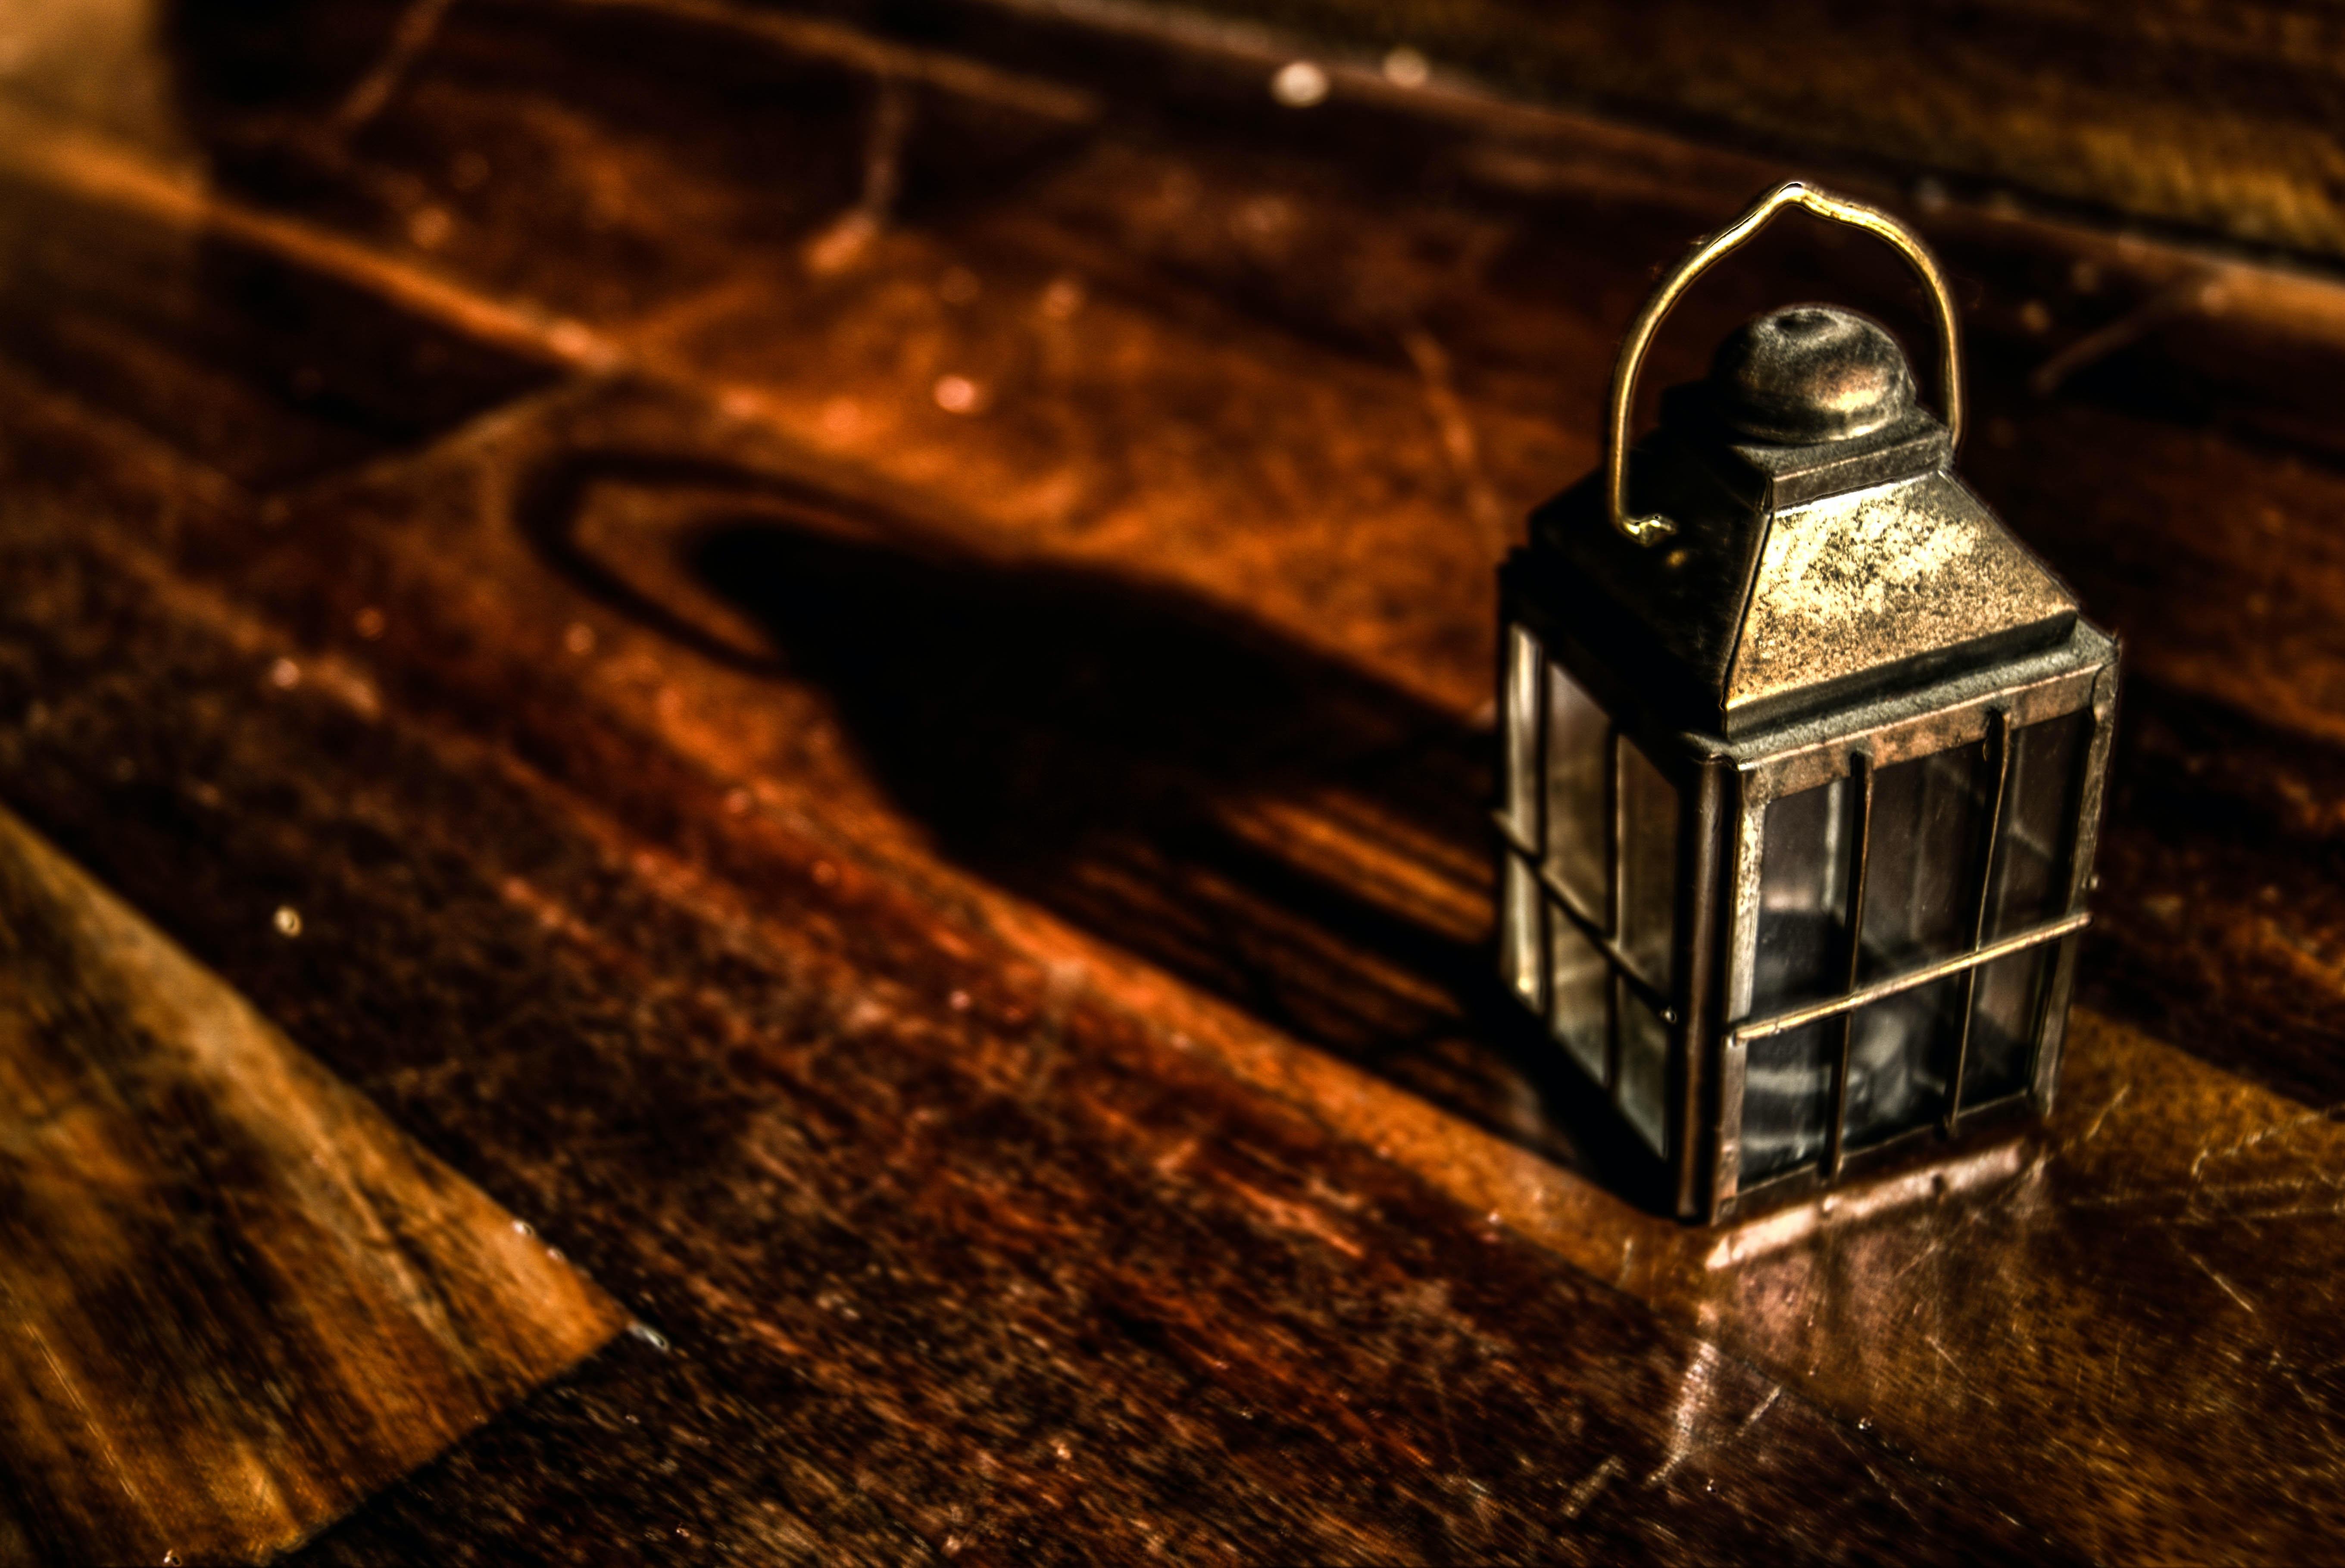 rectangular grey metal candle lantern on brown wooden surface